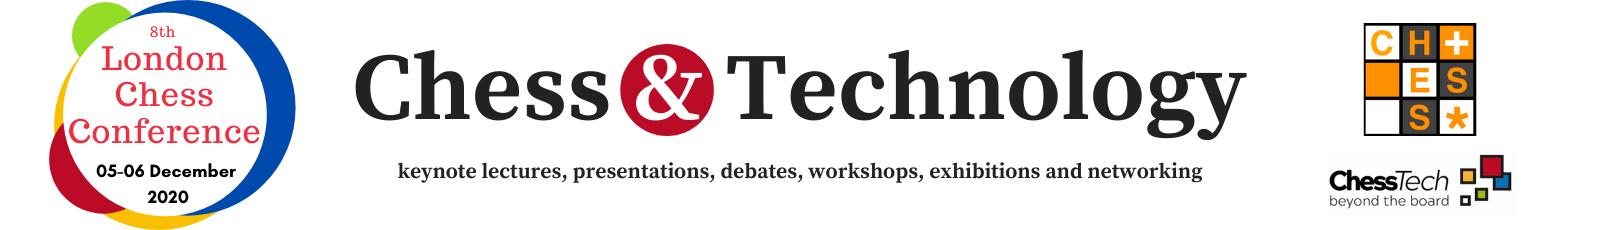 Chess-Technology-website-header-2020